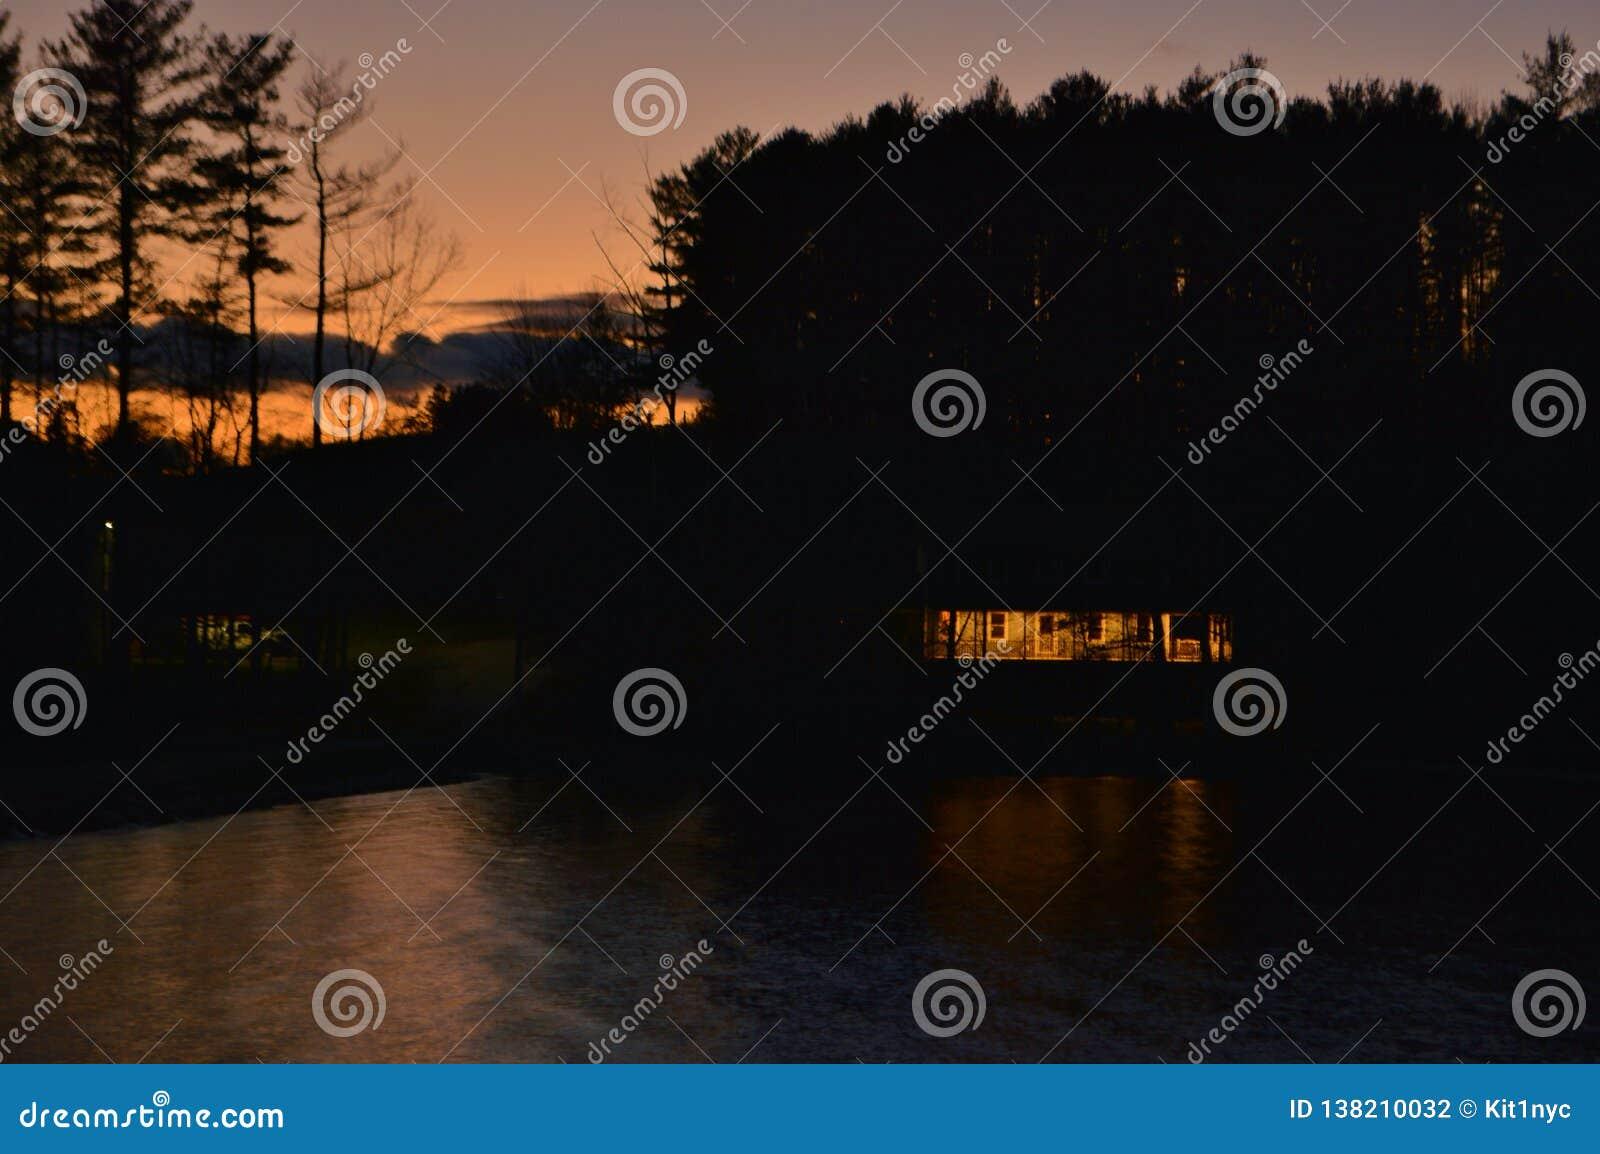 Предпосылка пейзажа сценарного ландшафта вечера захода солнца силуэта дома вида на озеро мирная